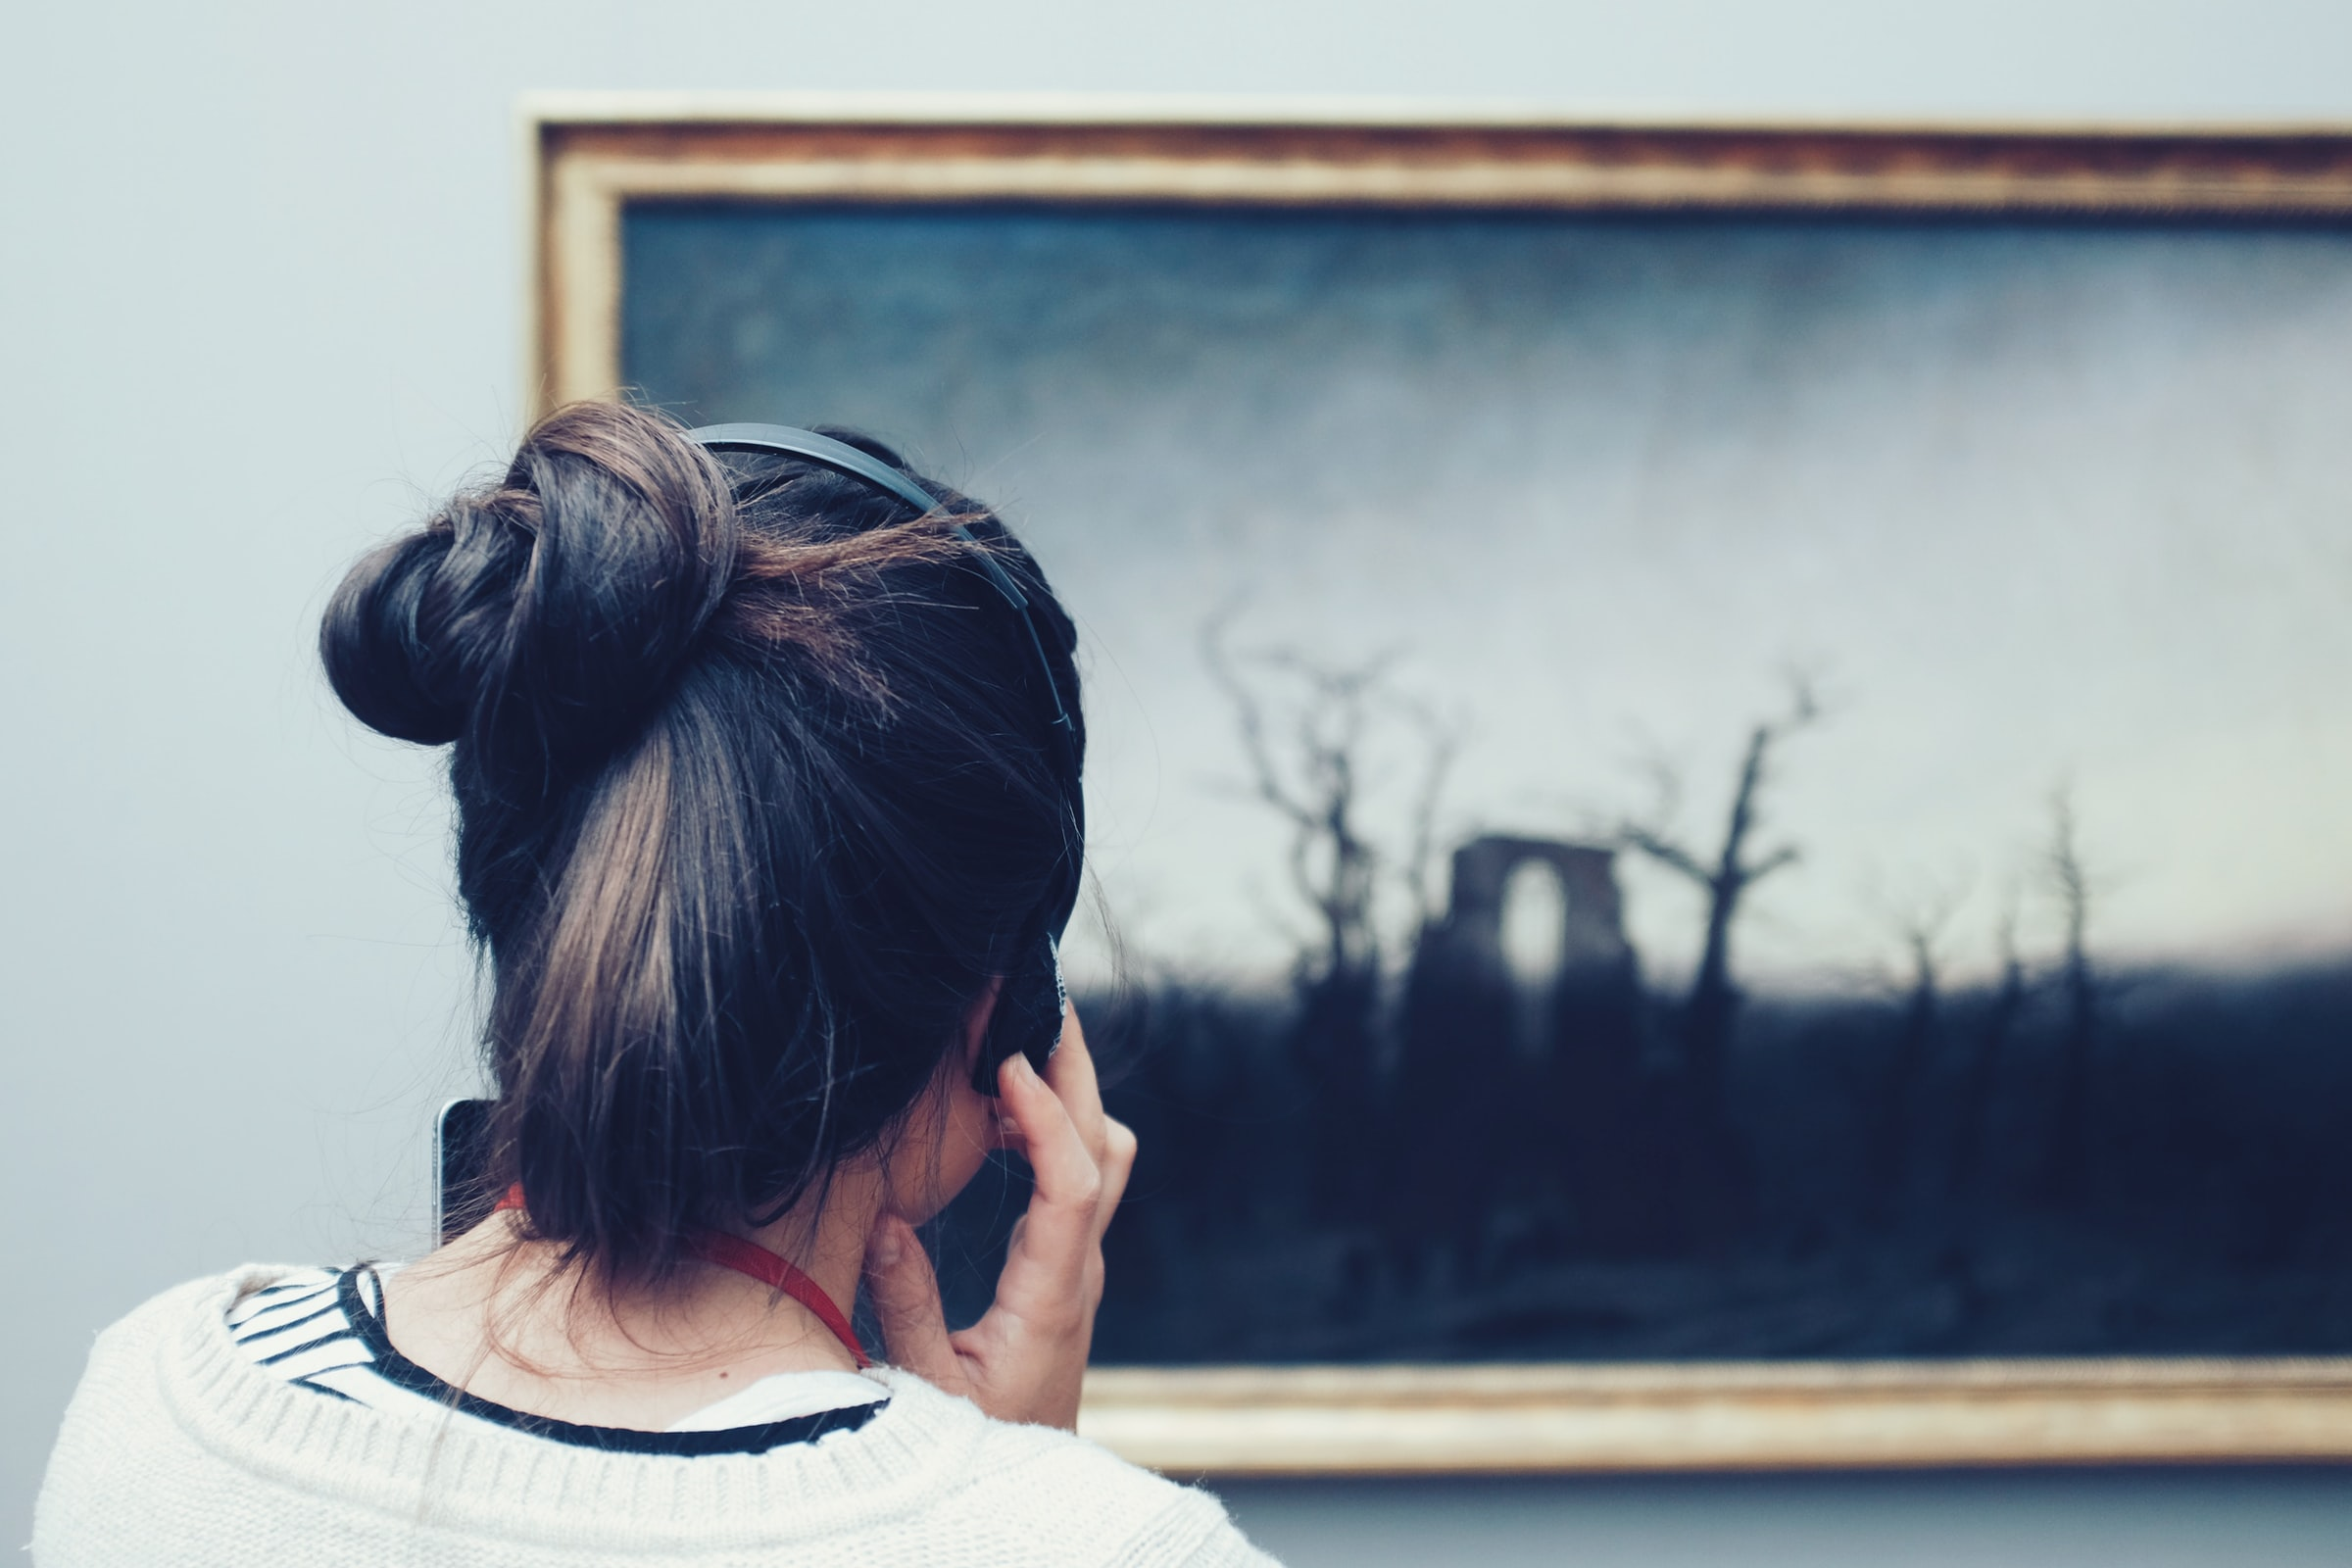 Eine Frau betrachtet ein Bild und presst sich dabei Kopfhörer ans Ohr. © Mike Kotsch, Unsplash